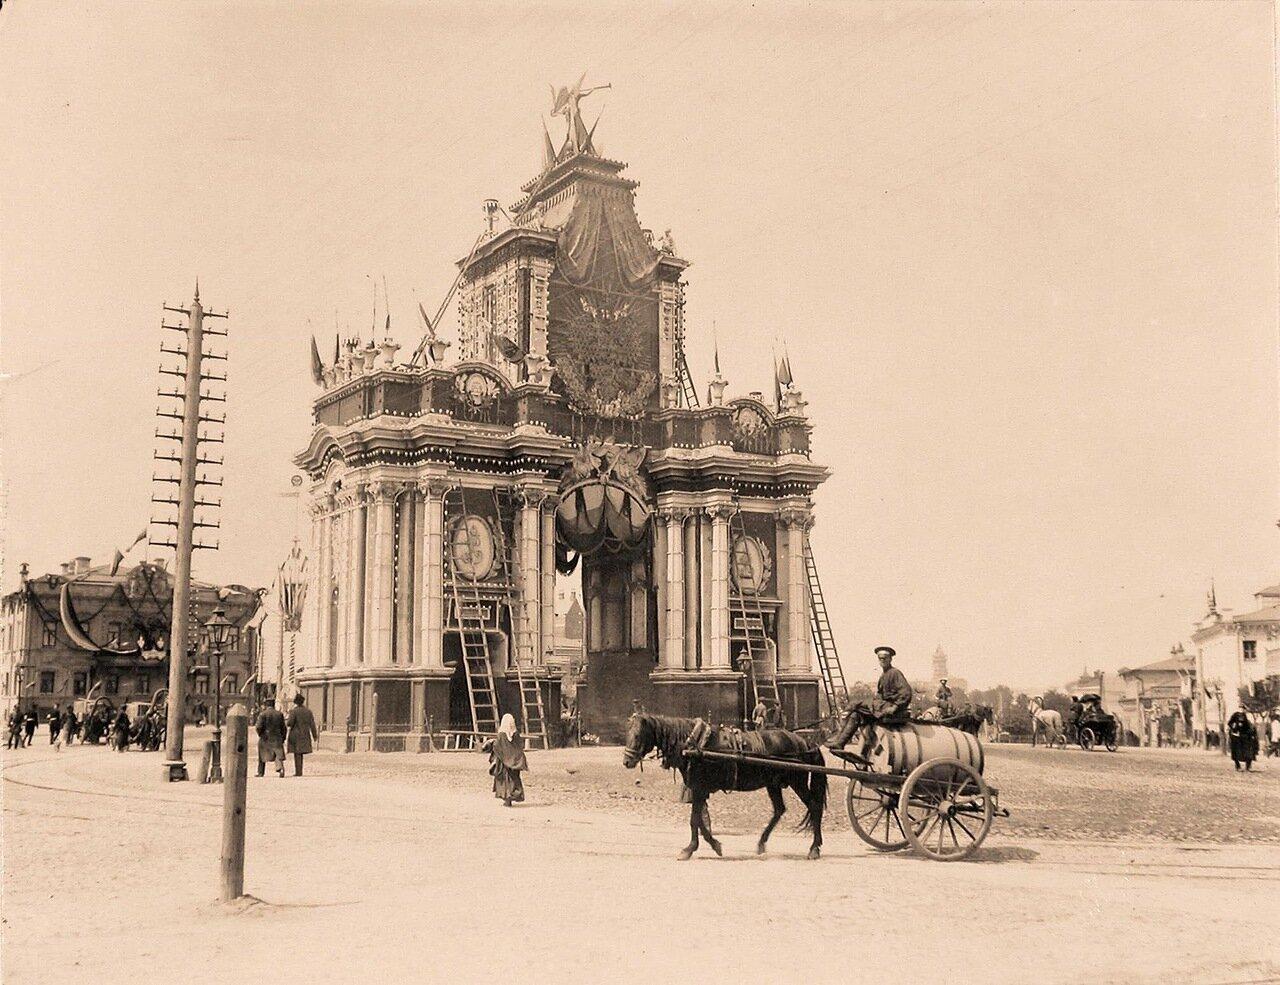 Вид Красных ворот во время украшения и установки иллюминации в дни подготовки к торжествам коронации